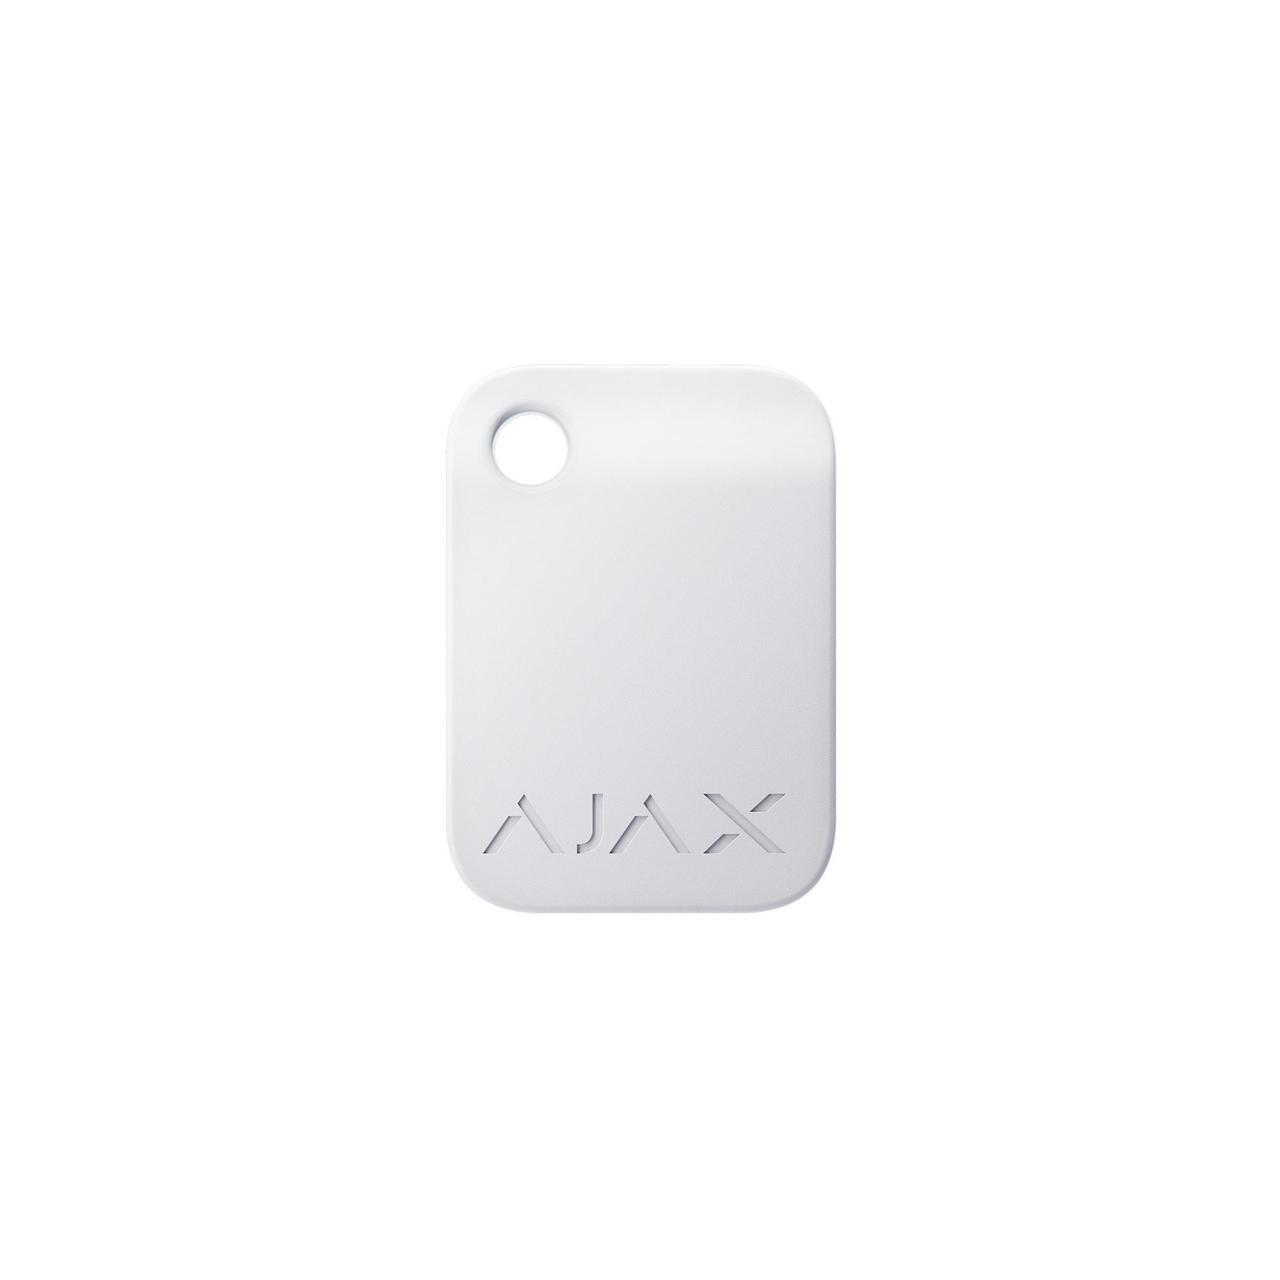 Брелок для управления охранной системой Ajax Tag белый 3 шт.